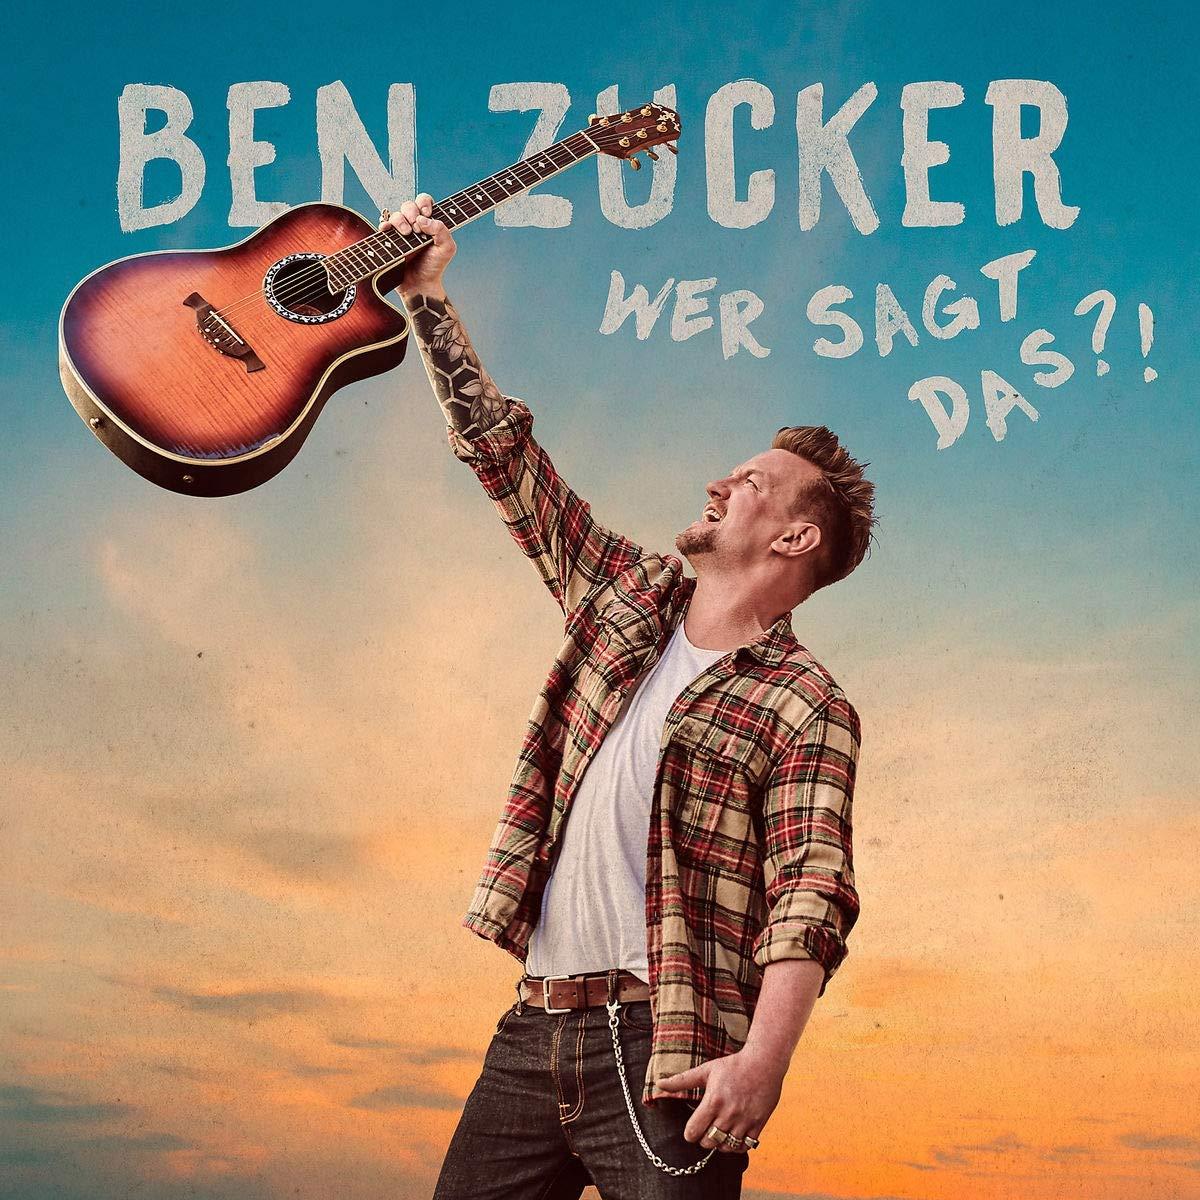 Ben Zucker - CD Wer sagt das 2019